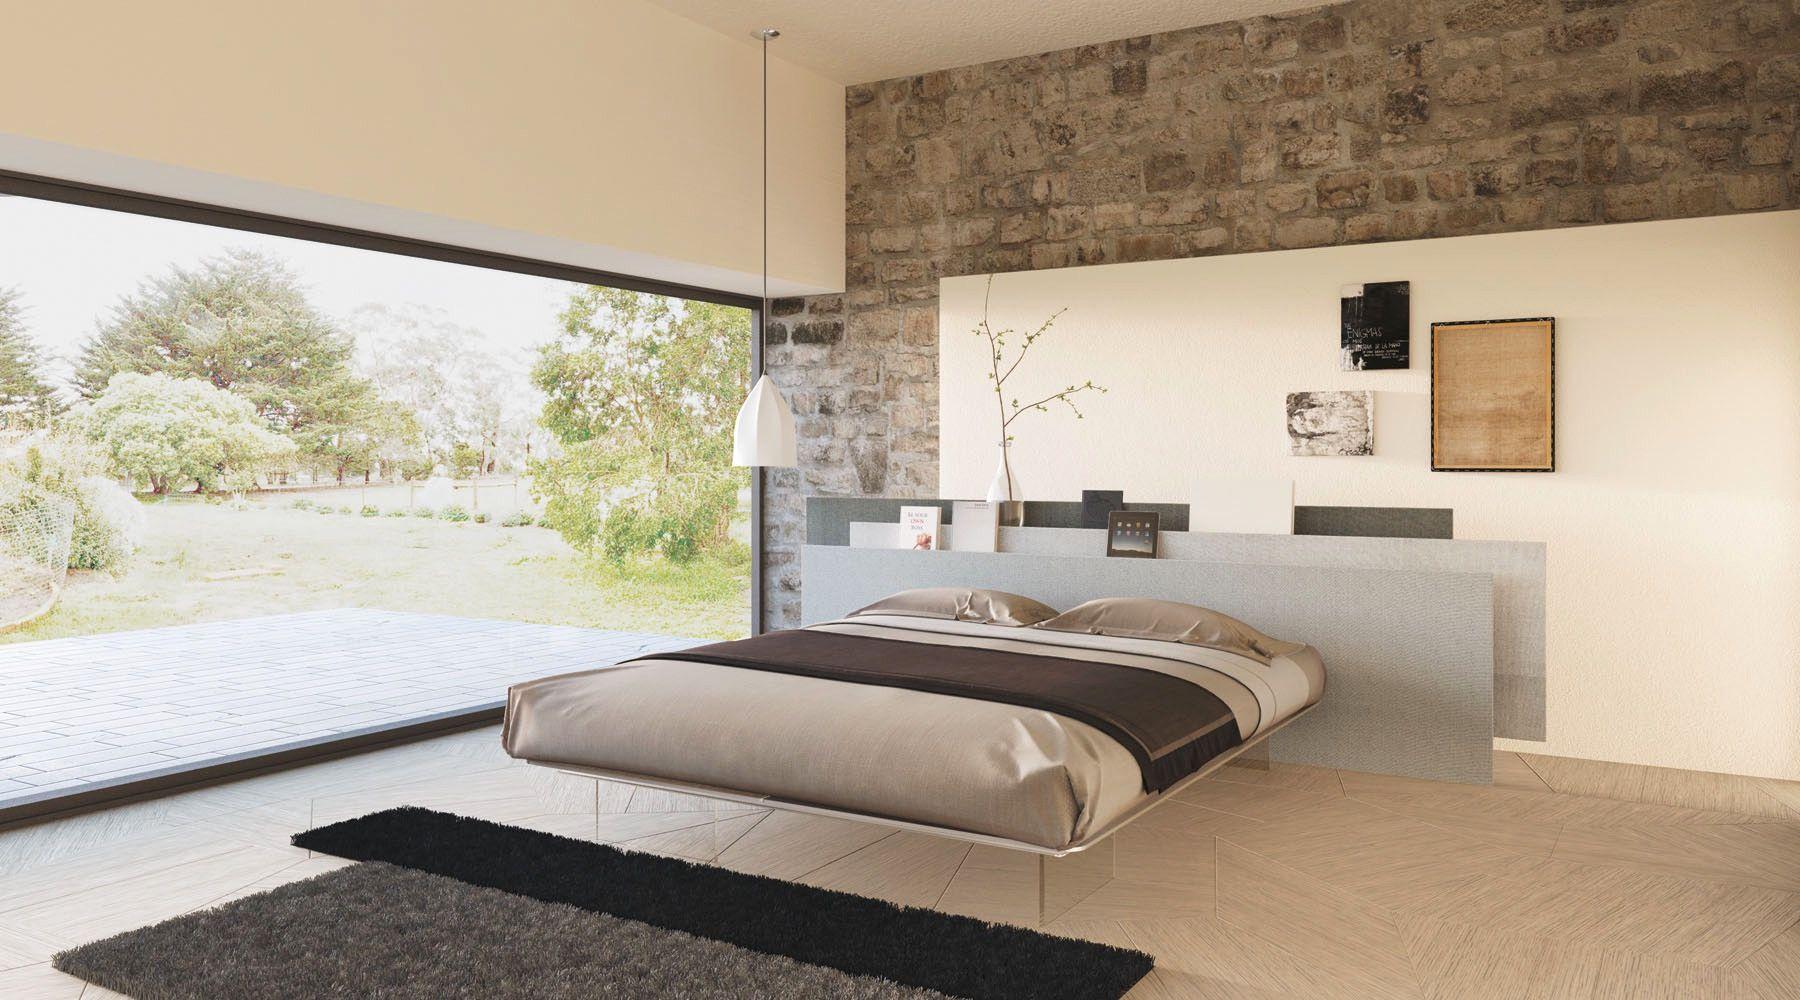 Ein rahmen zu hause design-ideen ideenschlafzimmergestaltunggrauweisswandgestaltungfotomotive